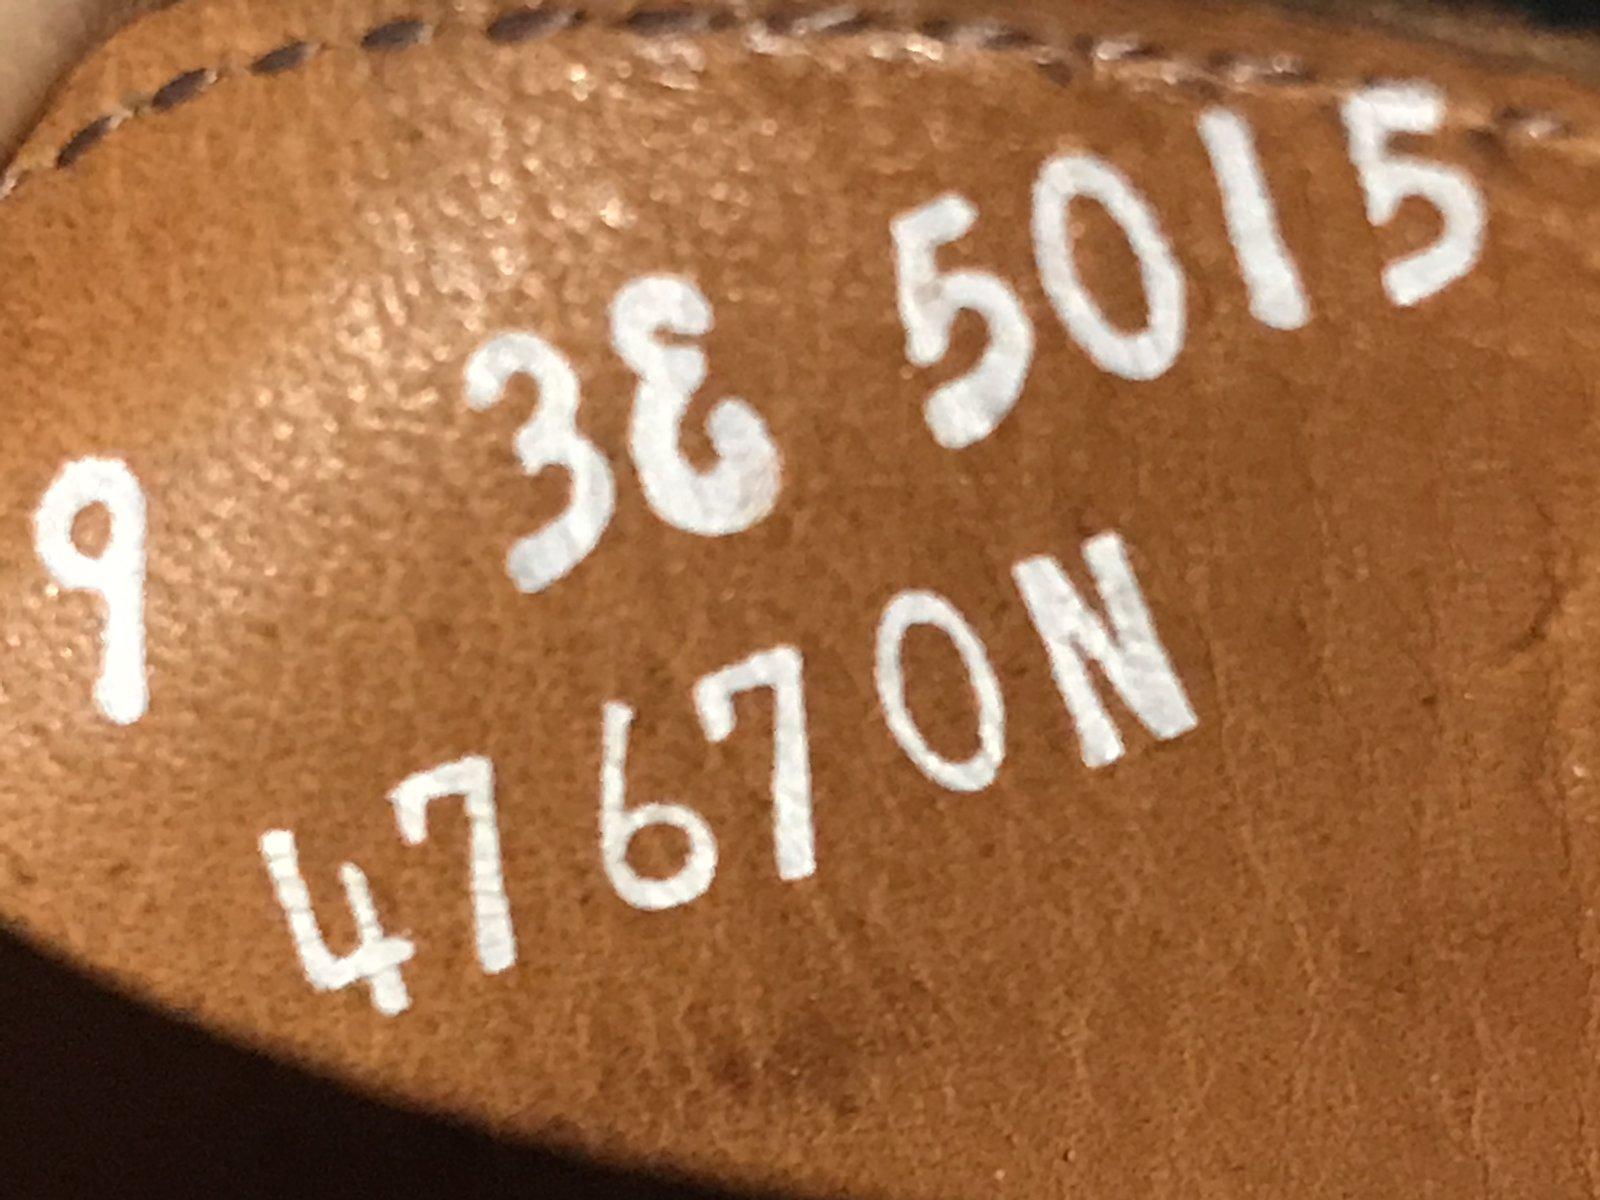 D6771468-5C70-4E65-97FB-FB0F8EC864B7.jpeg